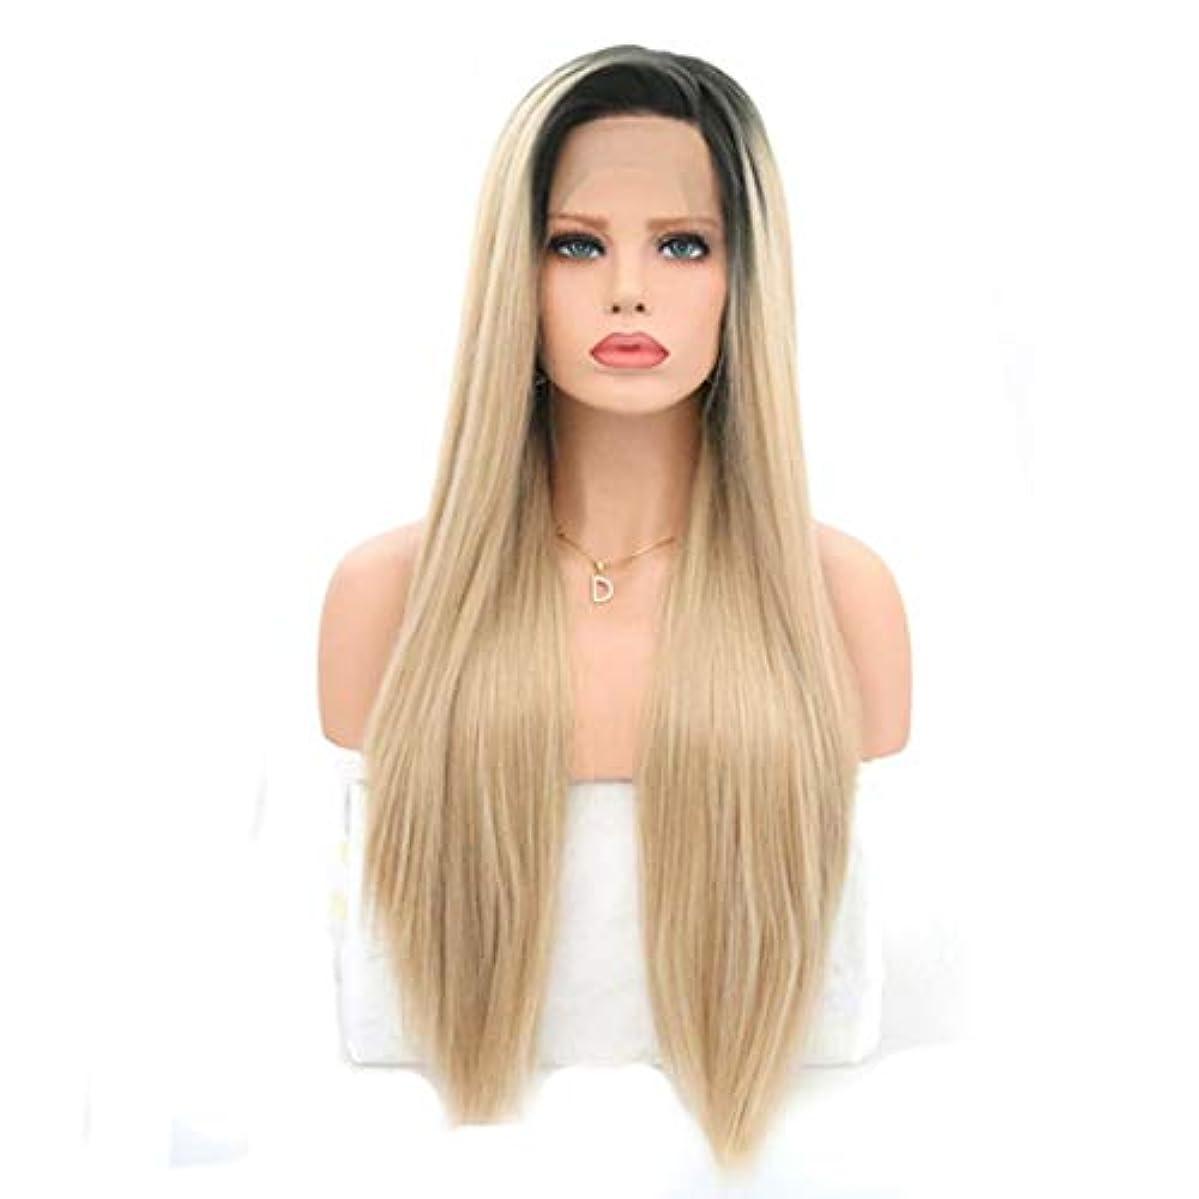 最小予言するベリKerwinner 女性のためのロングストレートかつら前髪付きかつら人工毛髪かつら自然なかつら (Size : 18 inches)